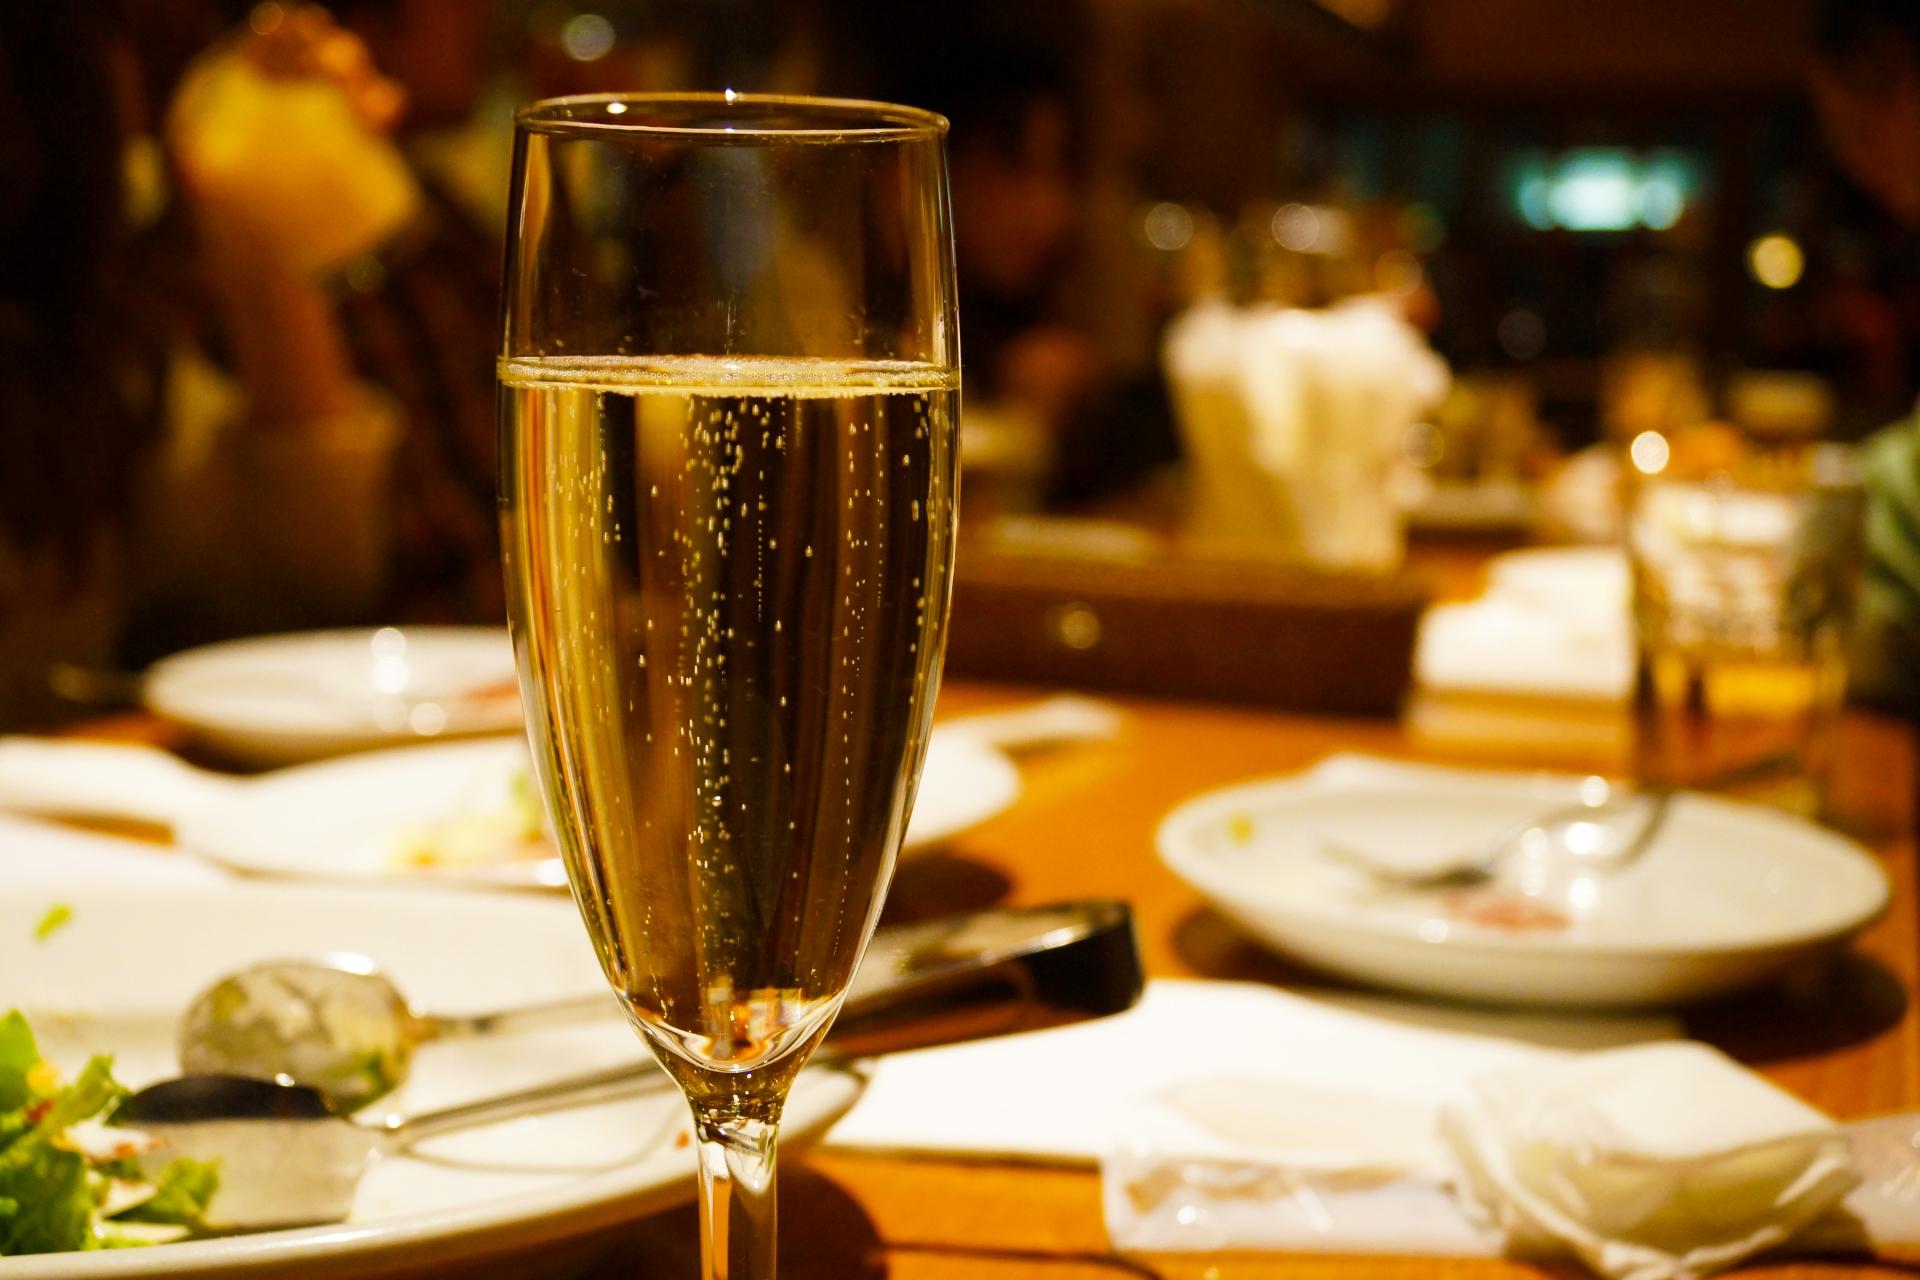 シャンパンのおすすめ11選!飲みやすい甘口も